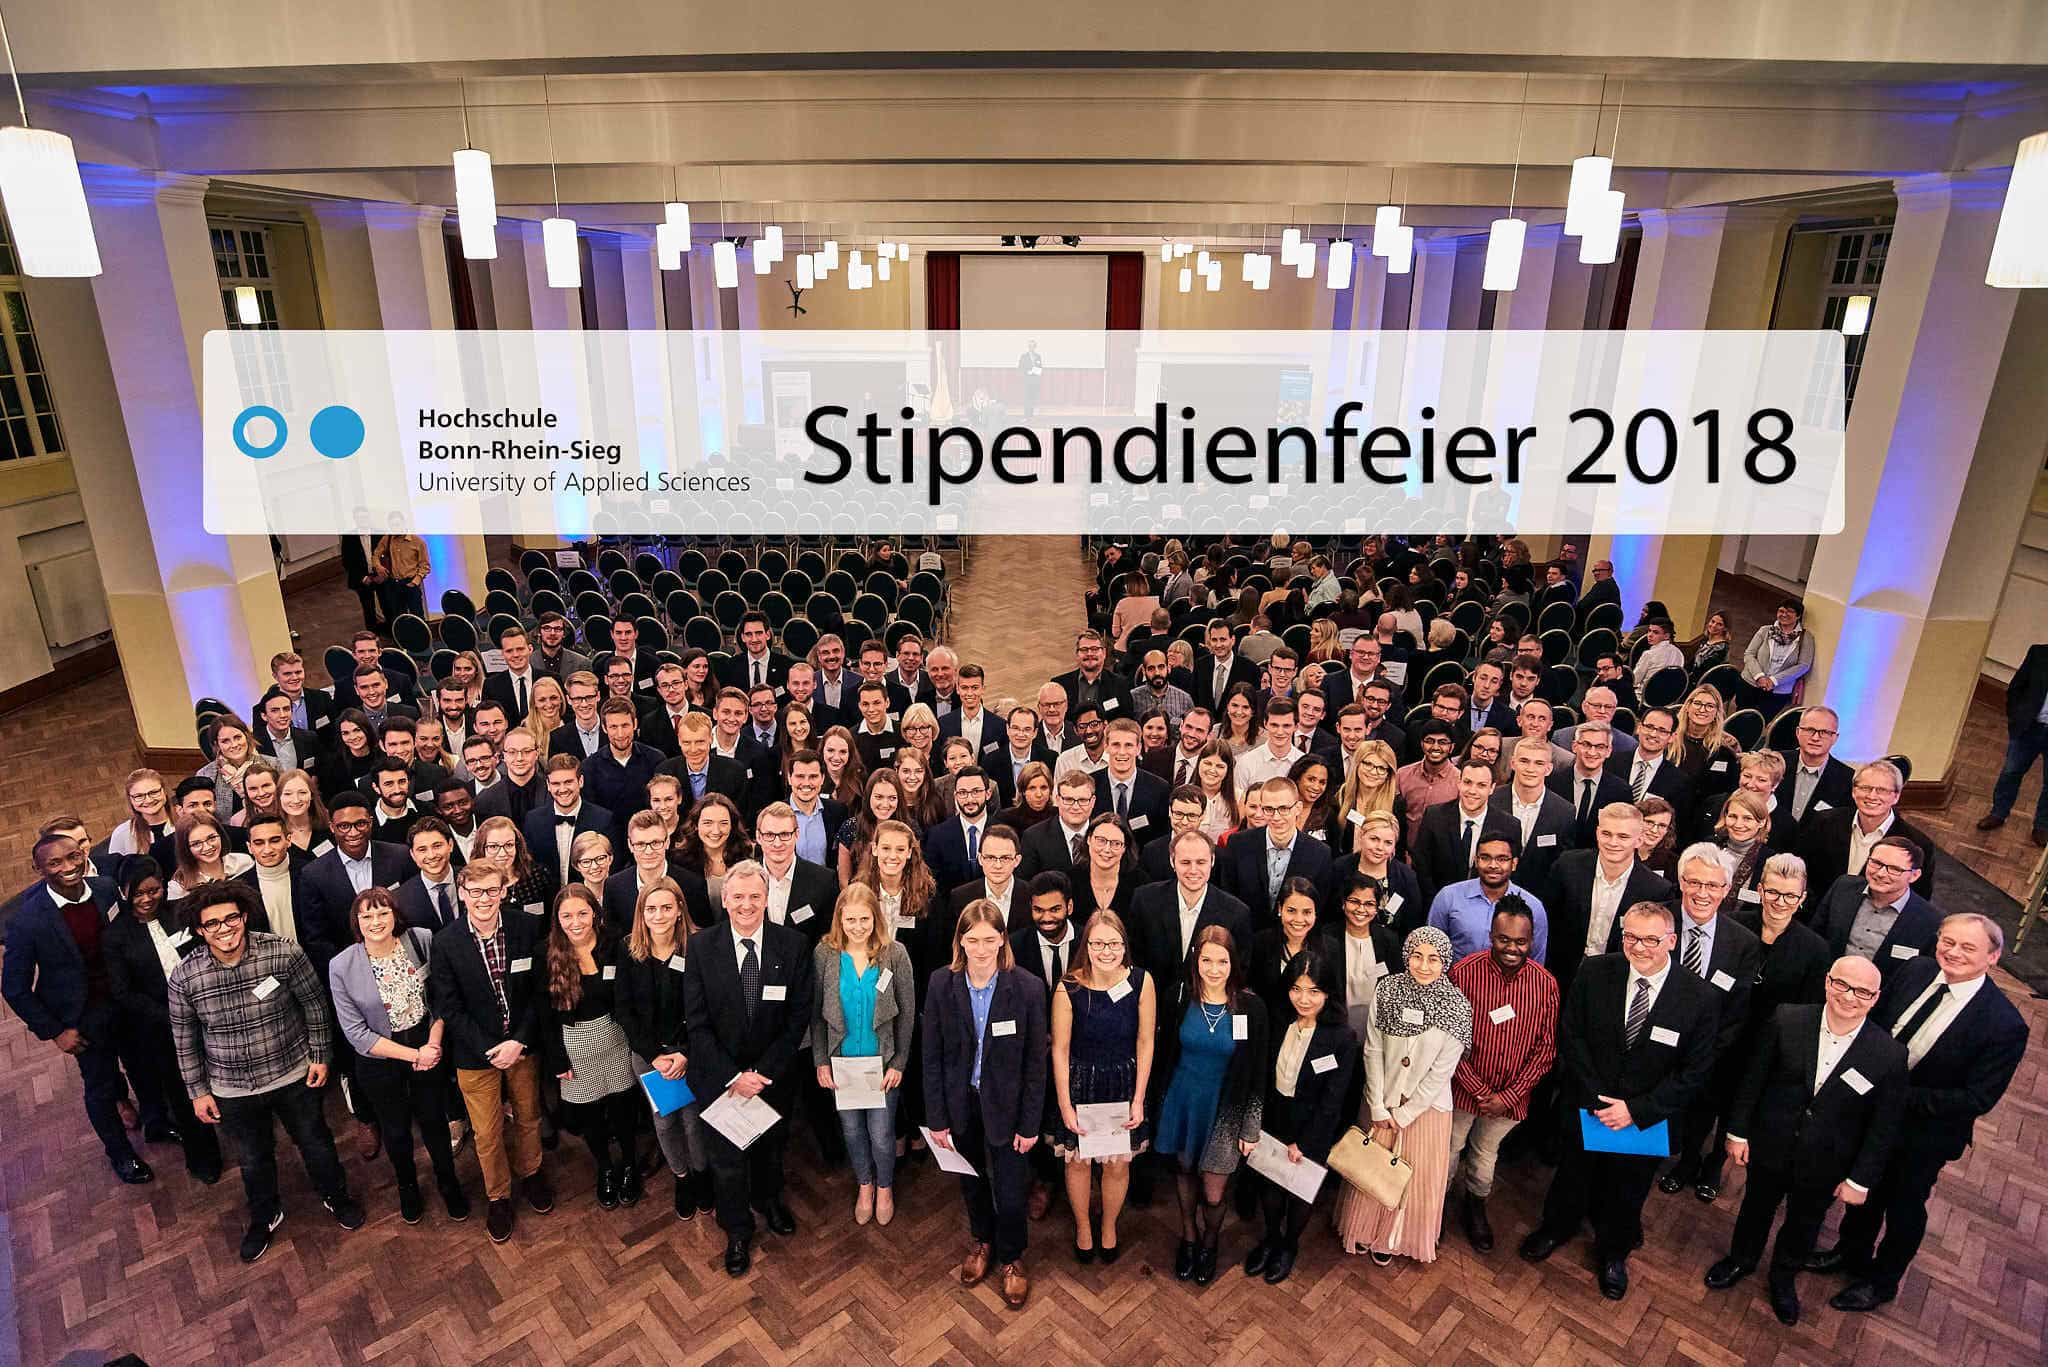 Großes Gruppenbild der Stipendiaten und der Förderer.